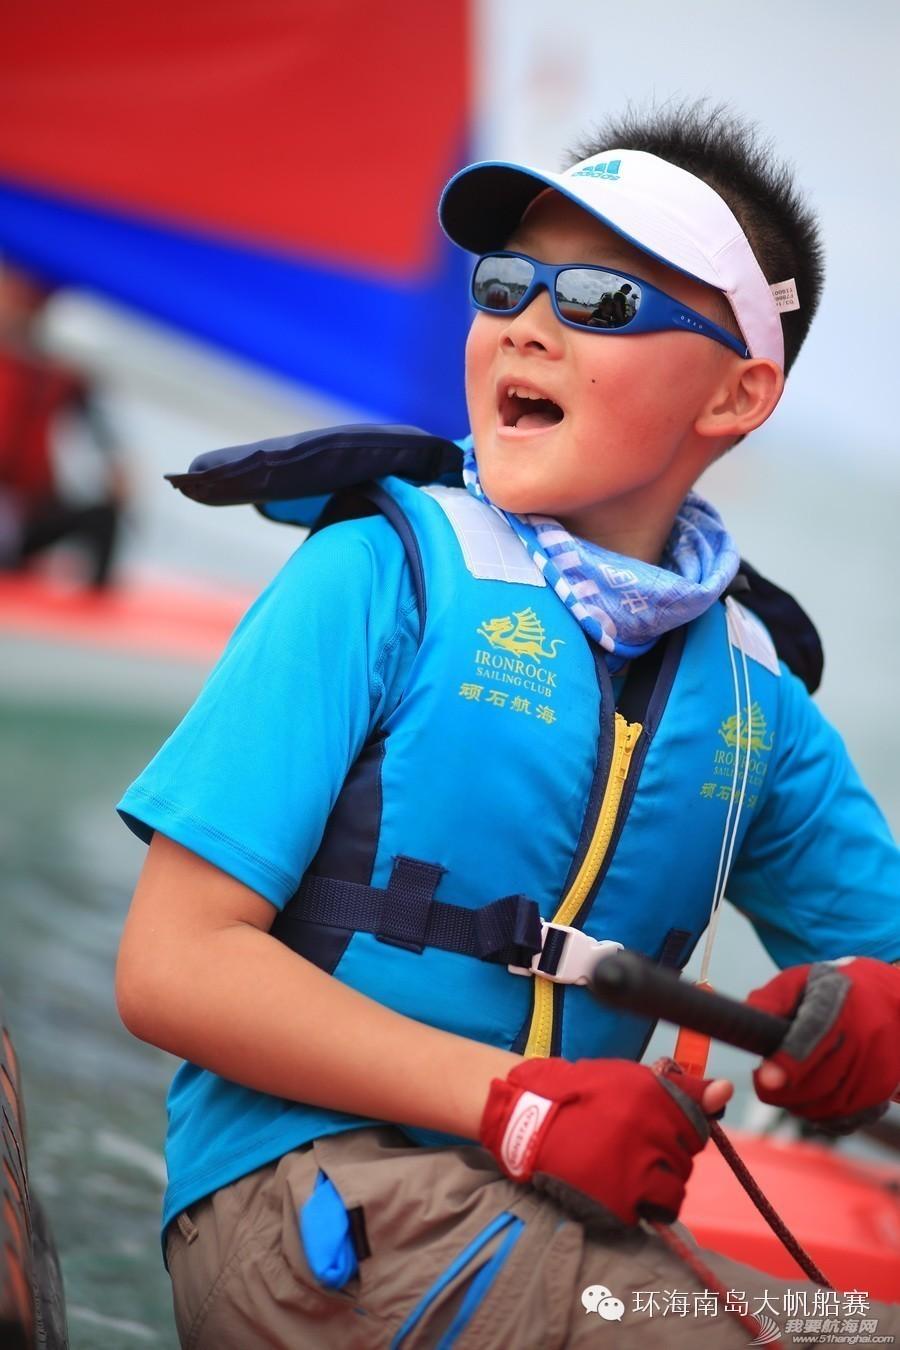 海帆赛topper对抗赛结束小帆友开心比赛收获满满 41d58d4b586beedf075c4e20e97744b4.jpg